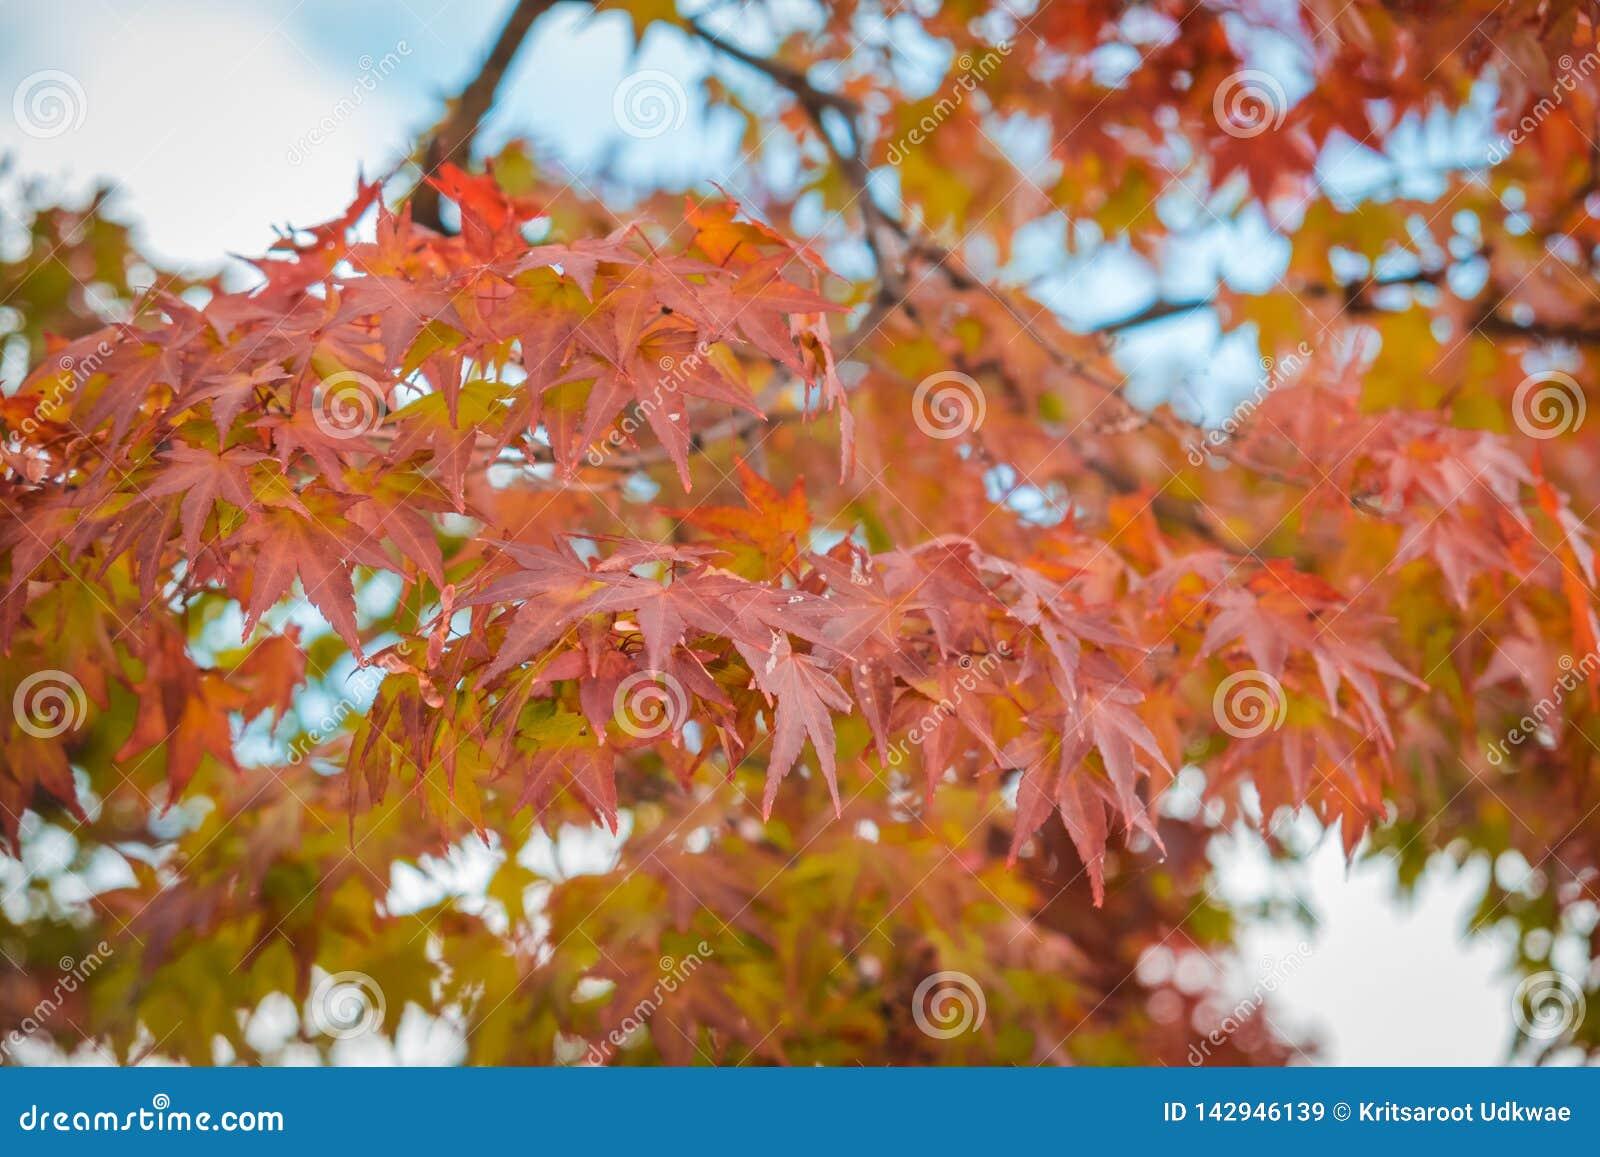 Czerwoni liście klonowi z plamy tłem w jesieni przyprawiają